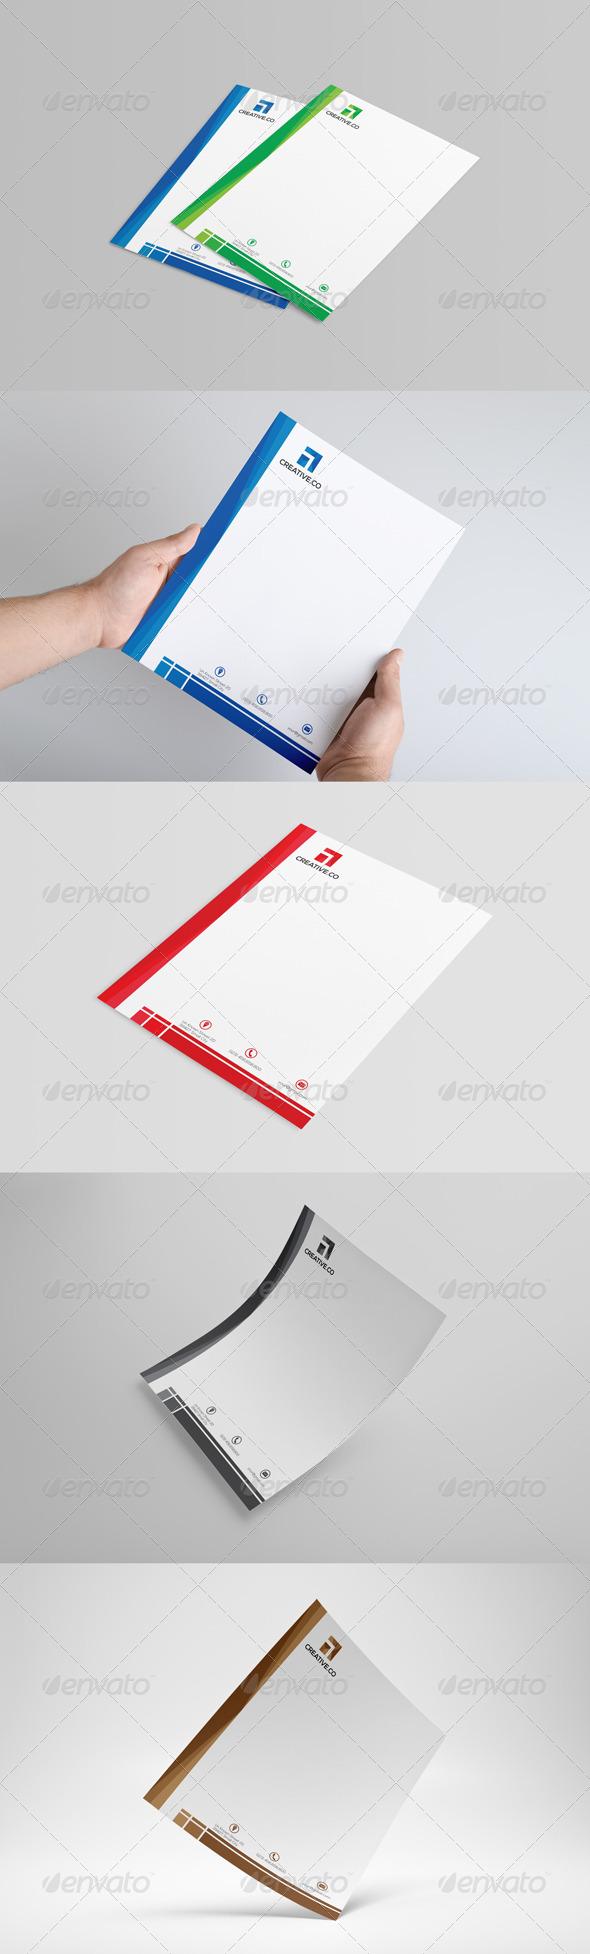 GraphicRiver Letterhead 8635763